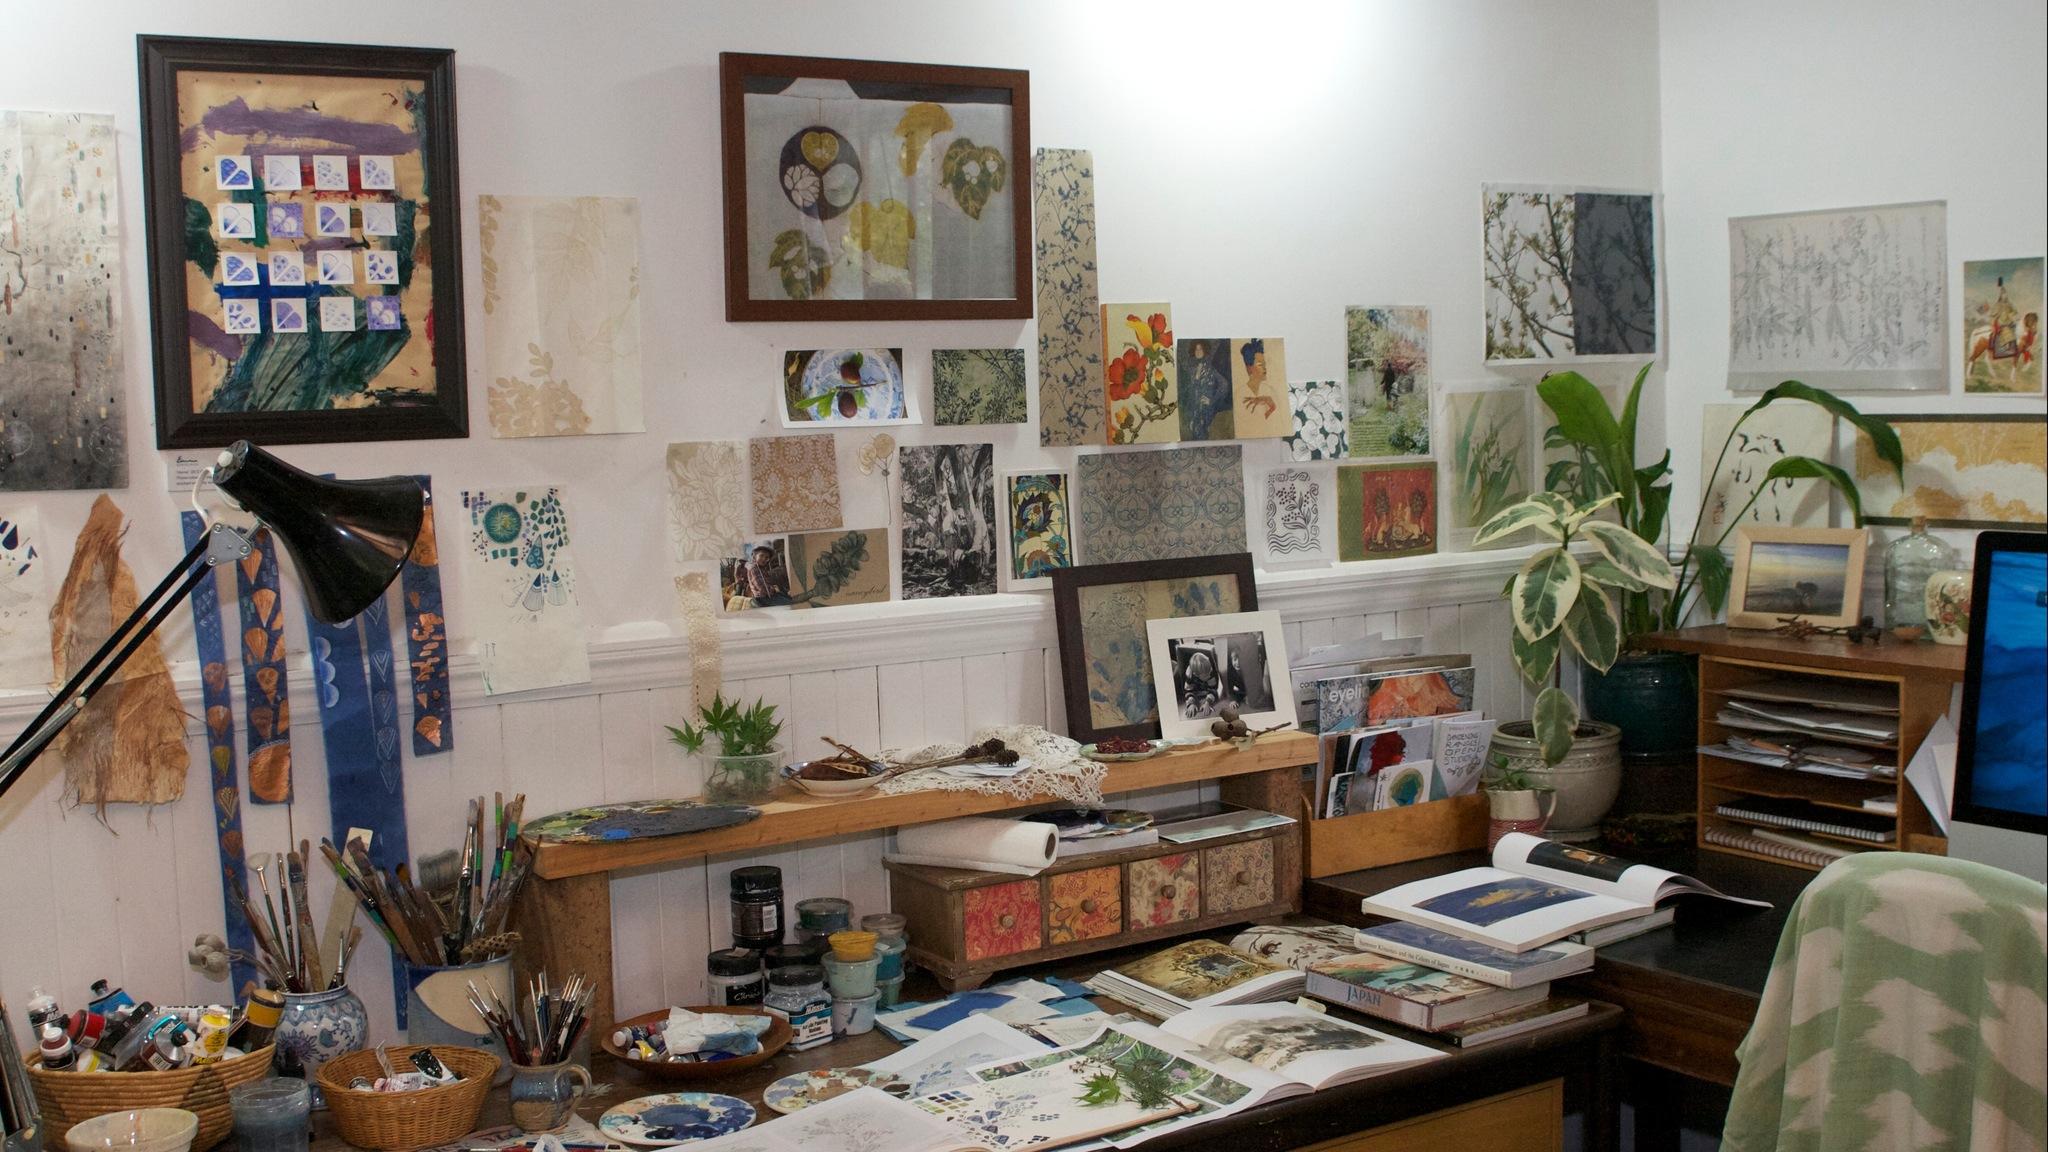 Dandenong Ranges Open Studios Expereince